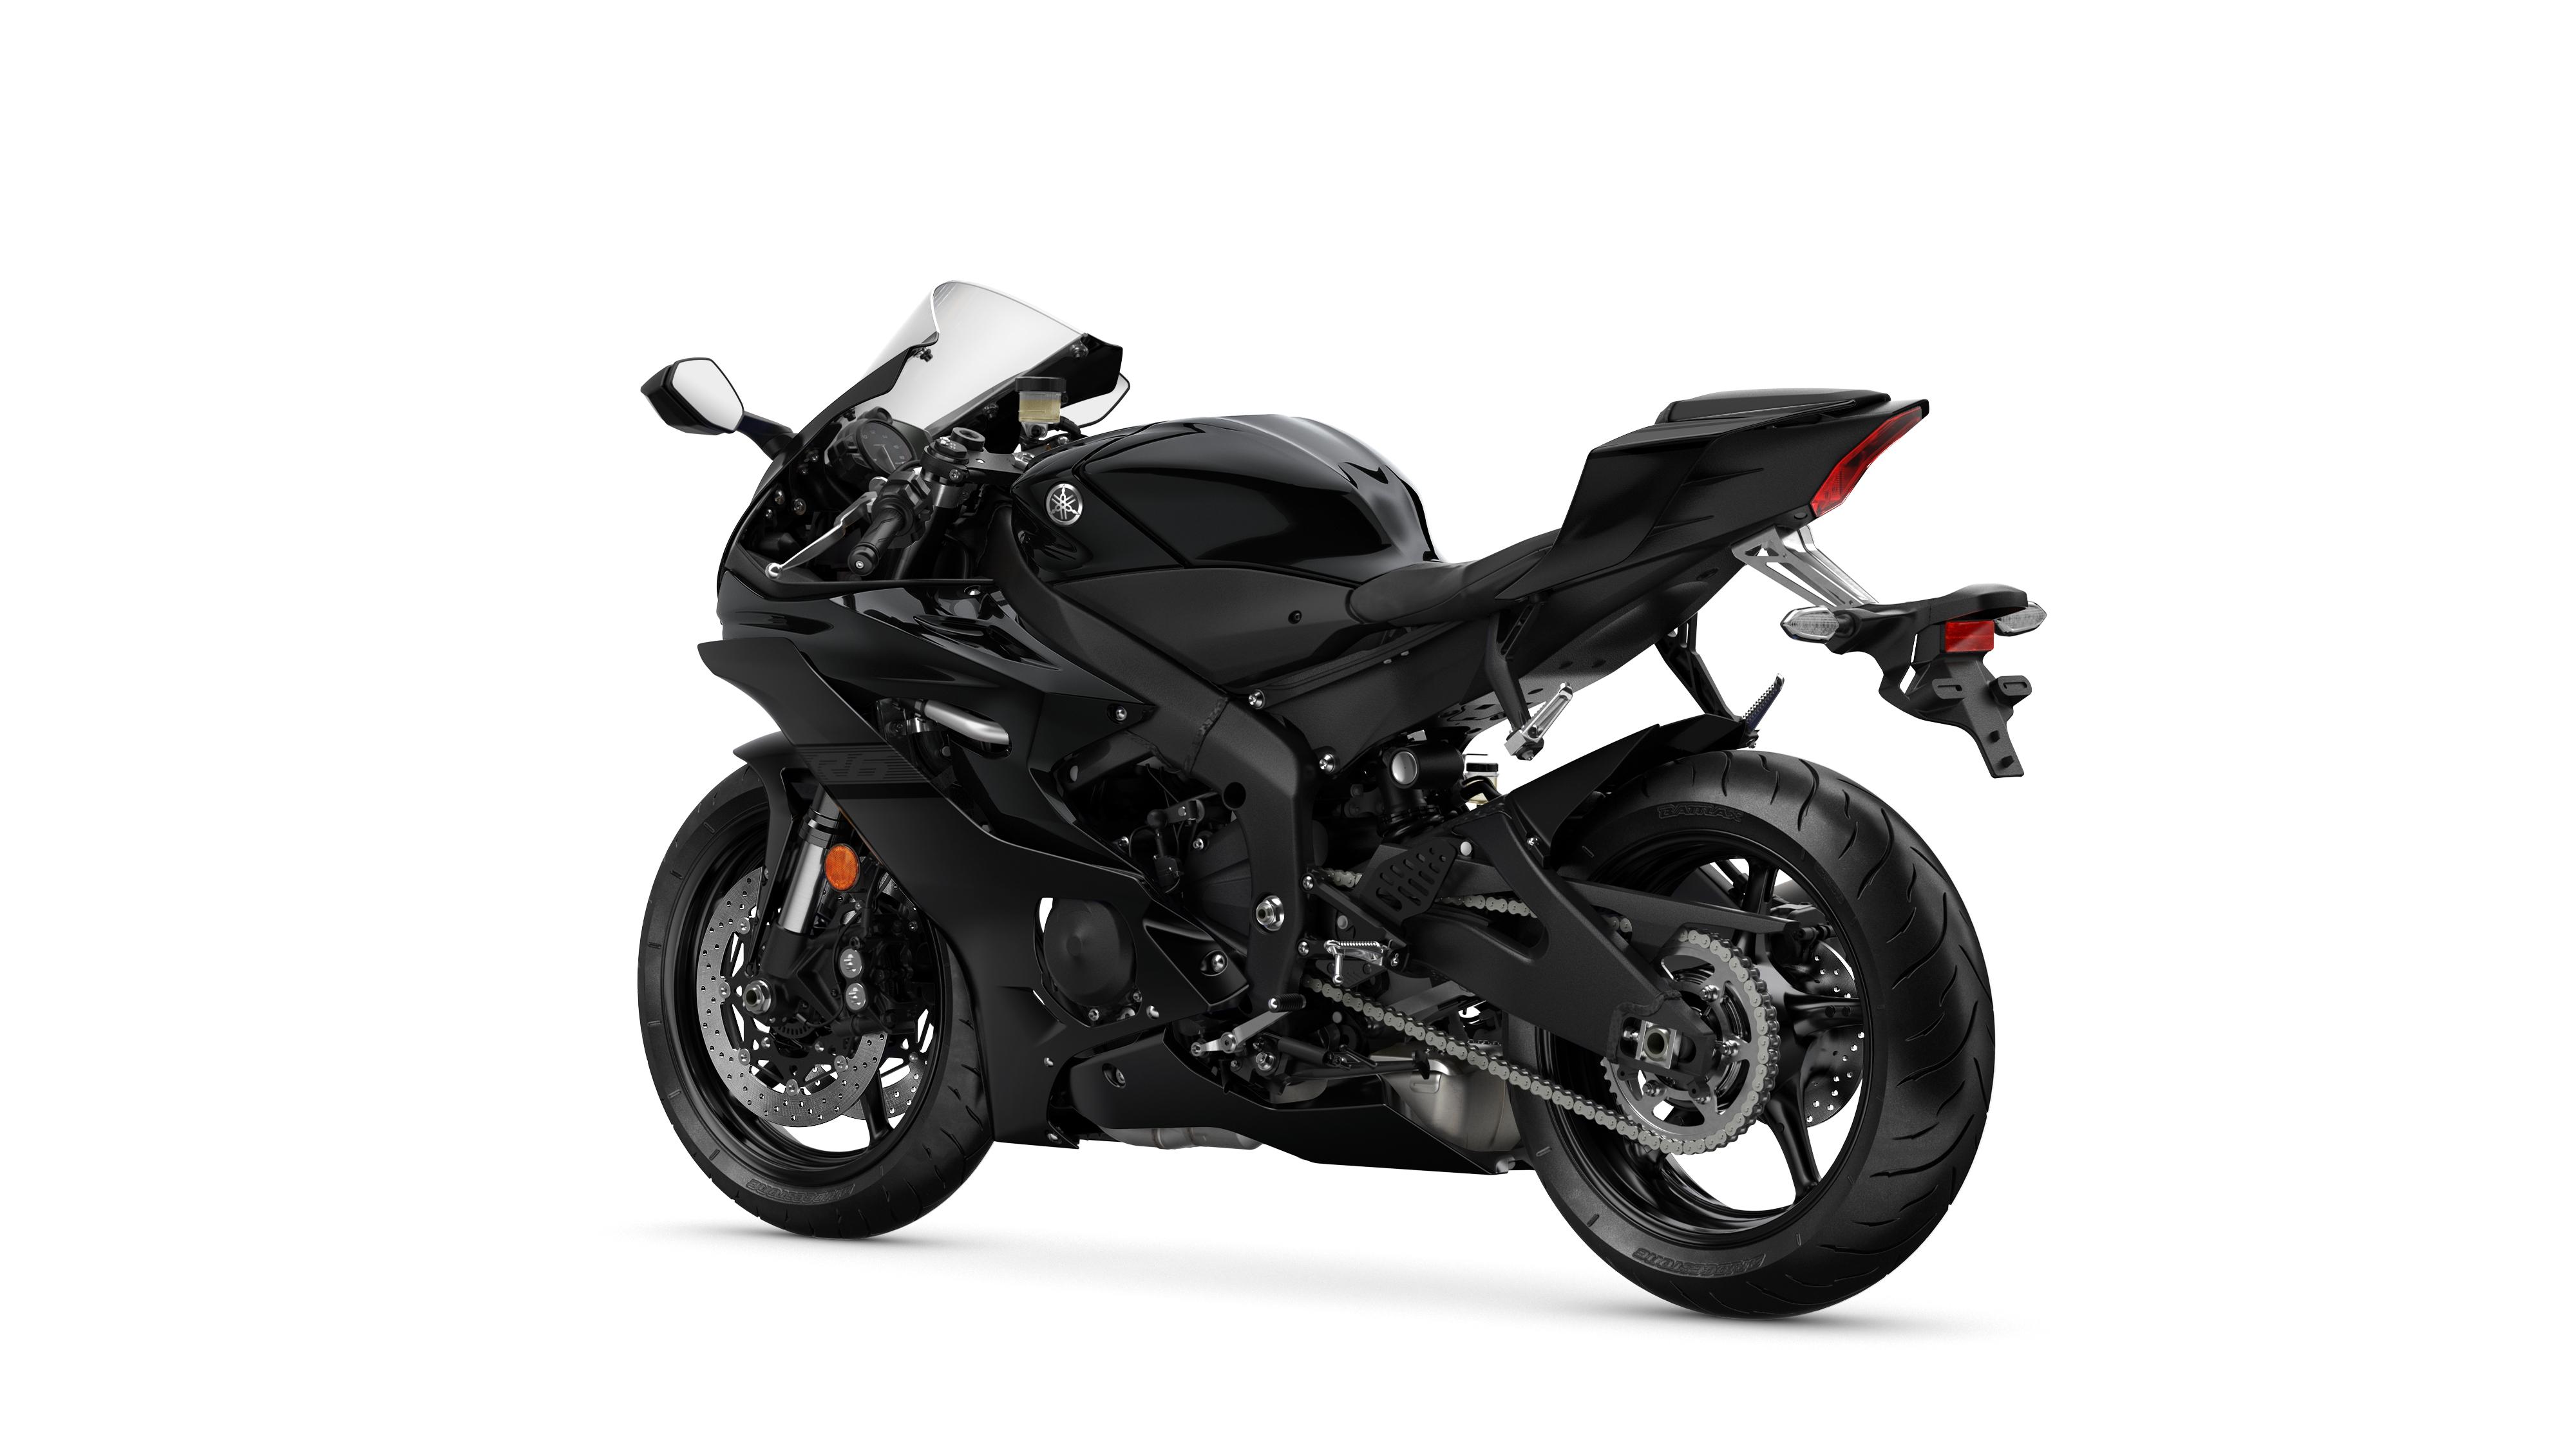 Yamaha YZF-R6 nu kopen